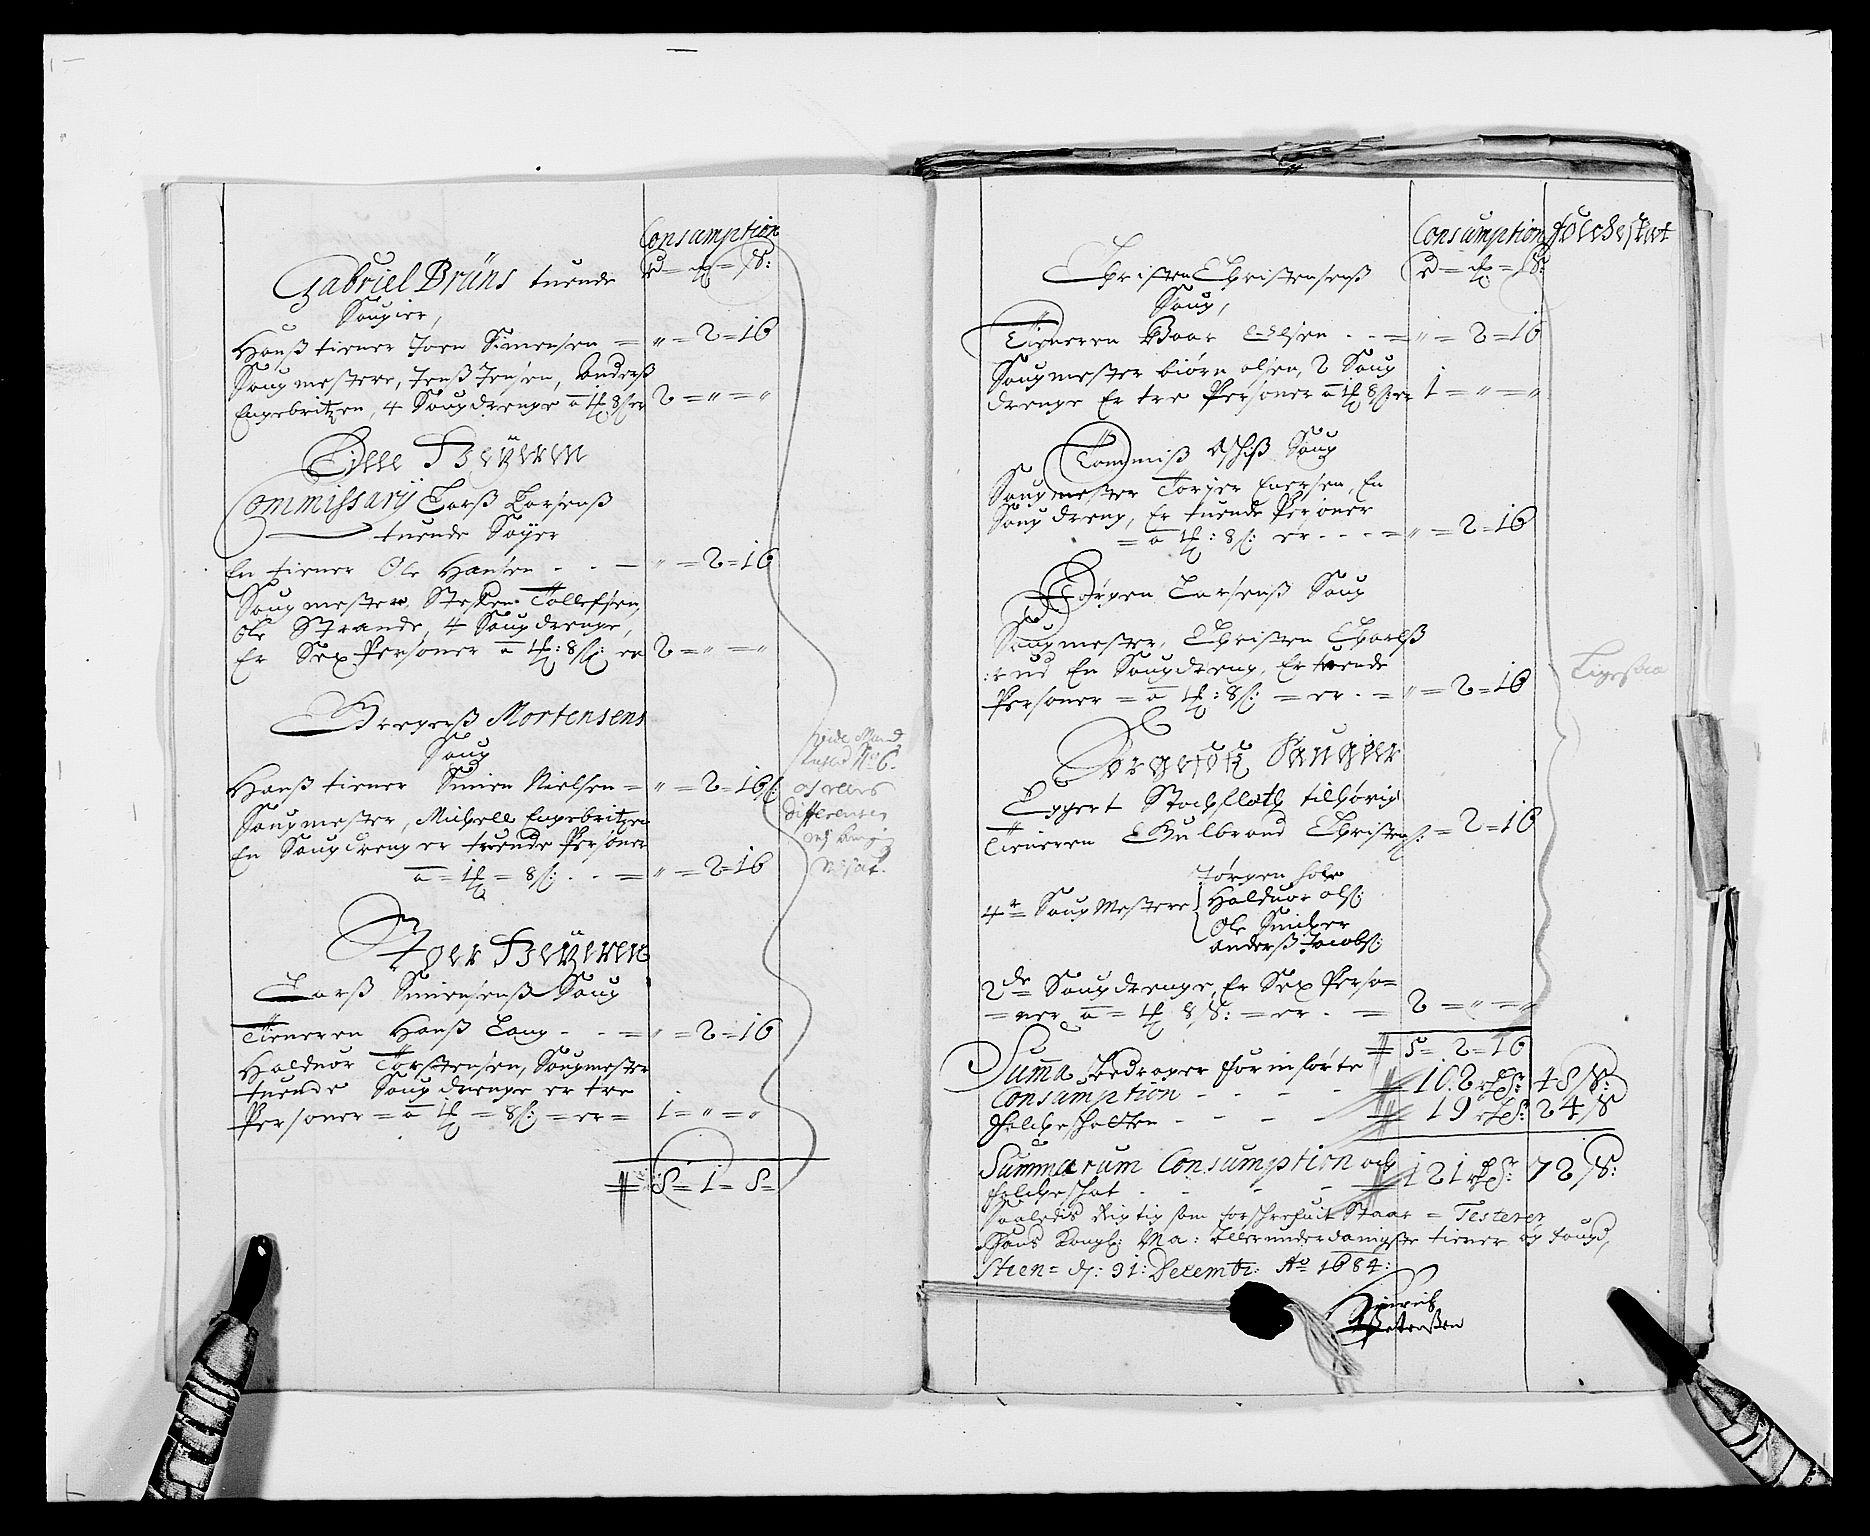 RA, Rentekammeret inntil 1814, Reviderte regnskaper, Fogderegnskap, R21/L1446: Fogderegnskap Ringerike og Hallingdal, 1683-1686, s. 239